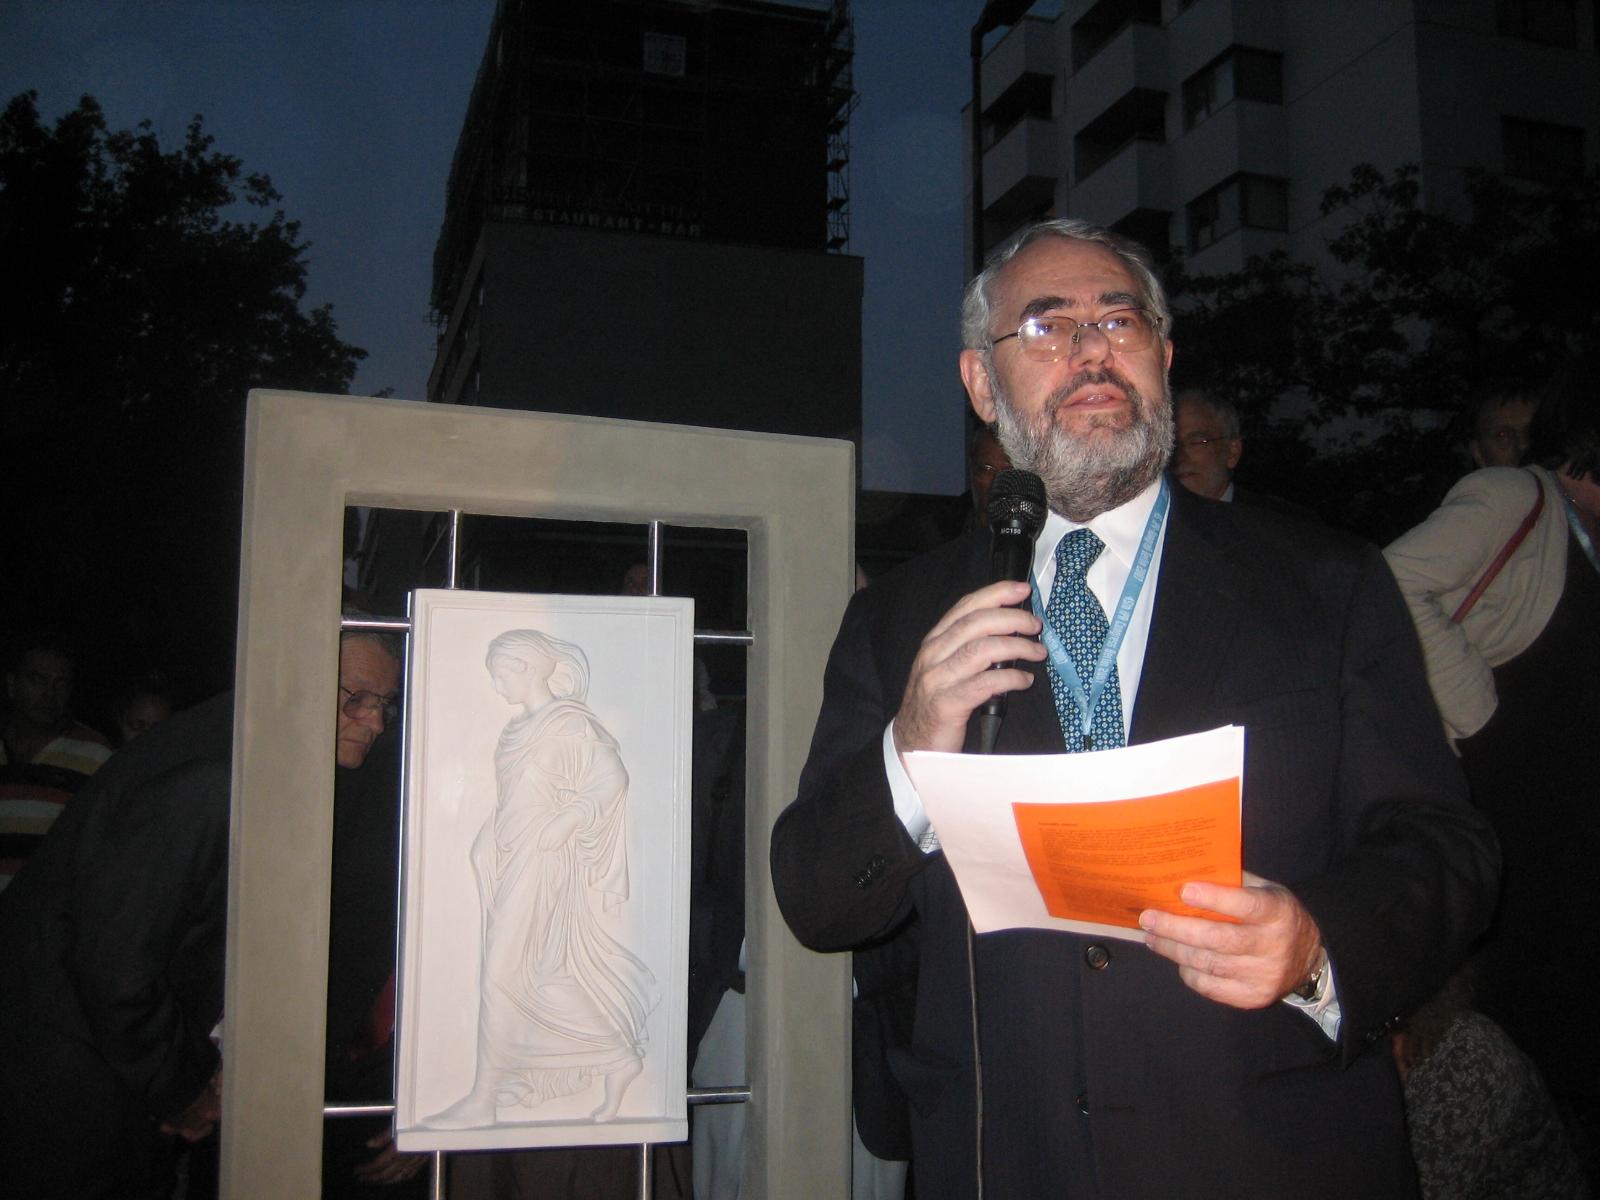 Dr. Eizirik bei seiner Ansprache zur Enthüllung der Gradiva